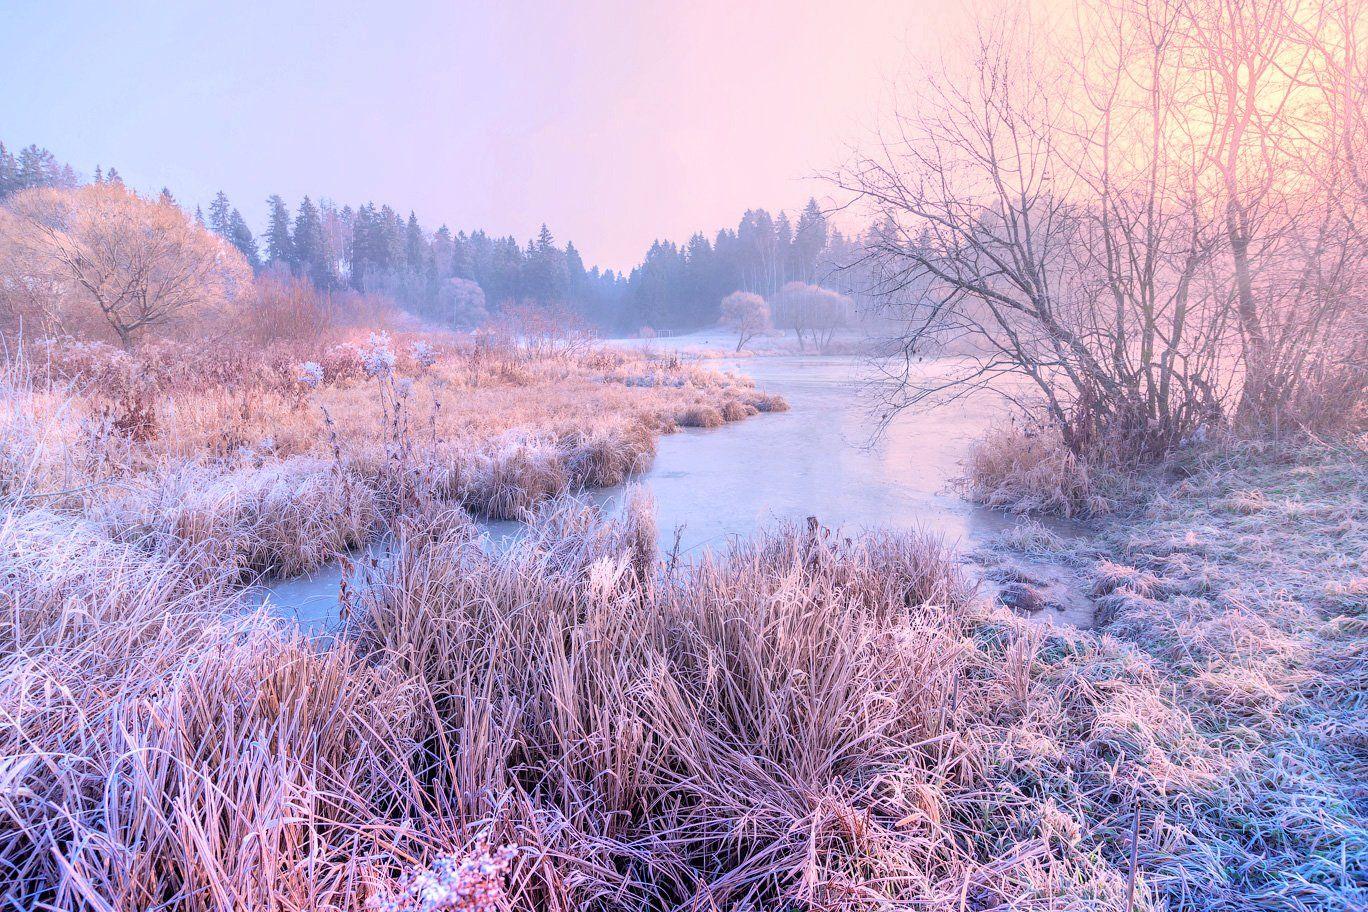 зима, река, утро, мороз, Виктор Климкин